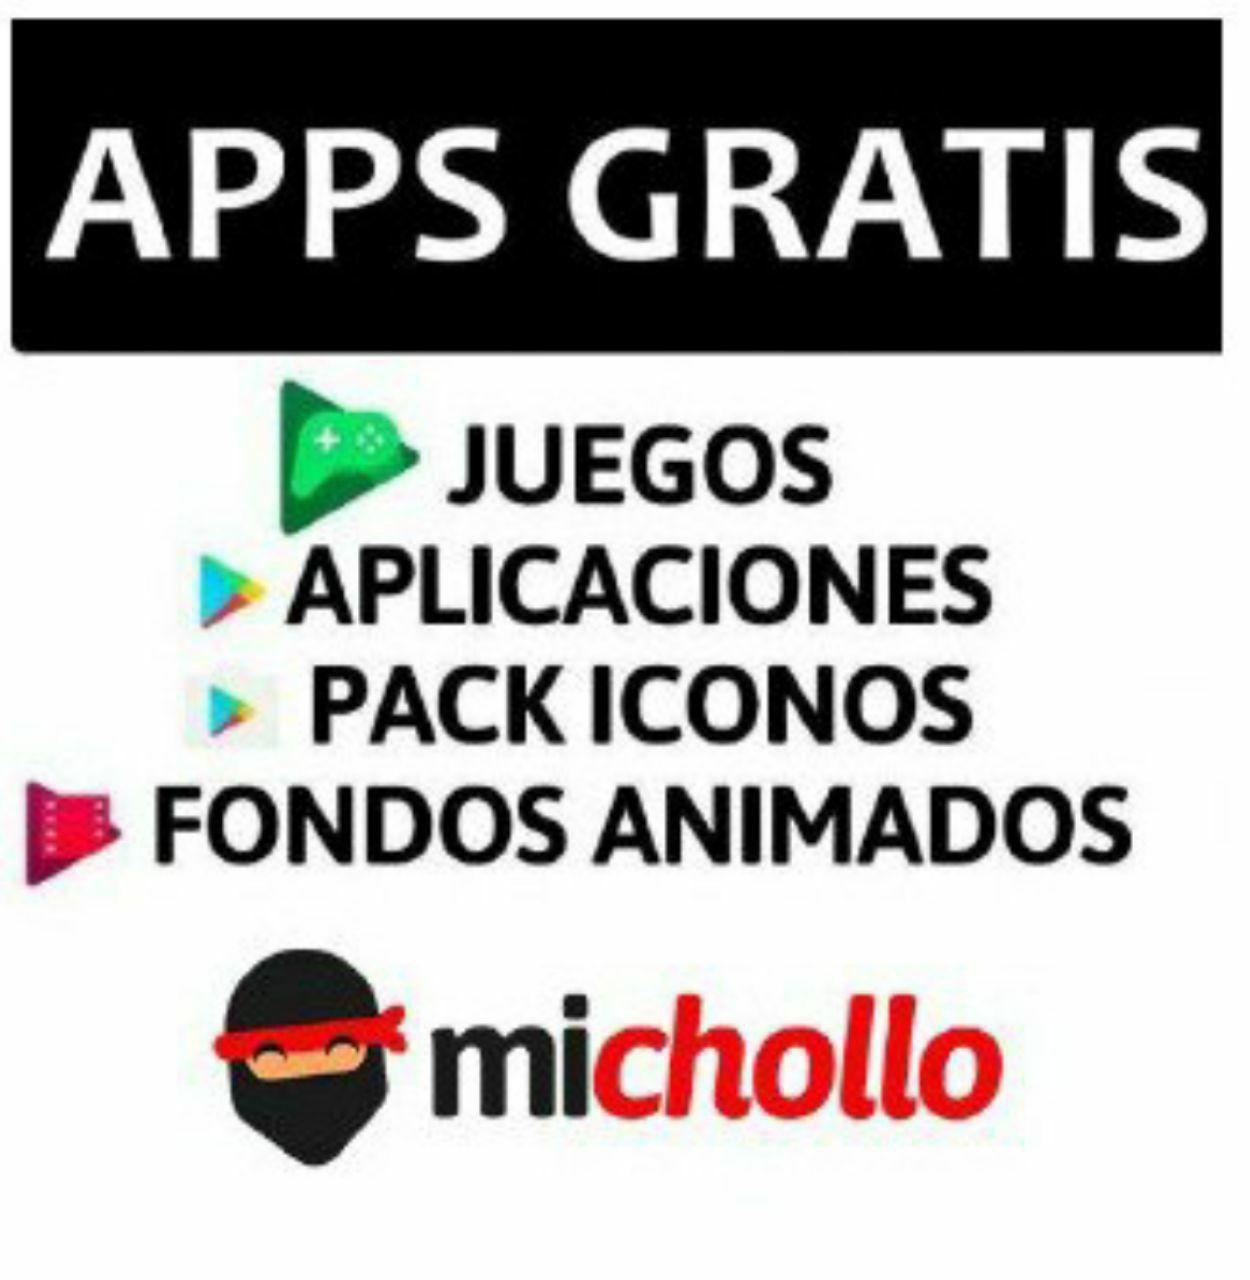 Mejores aplicaciones y juegos gratis para Android e iOS